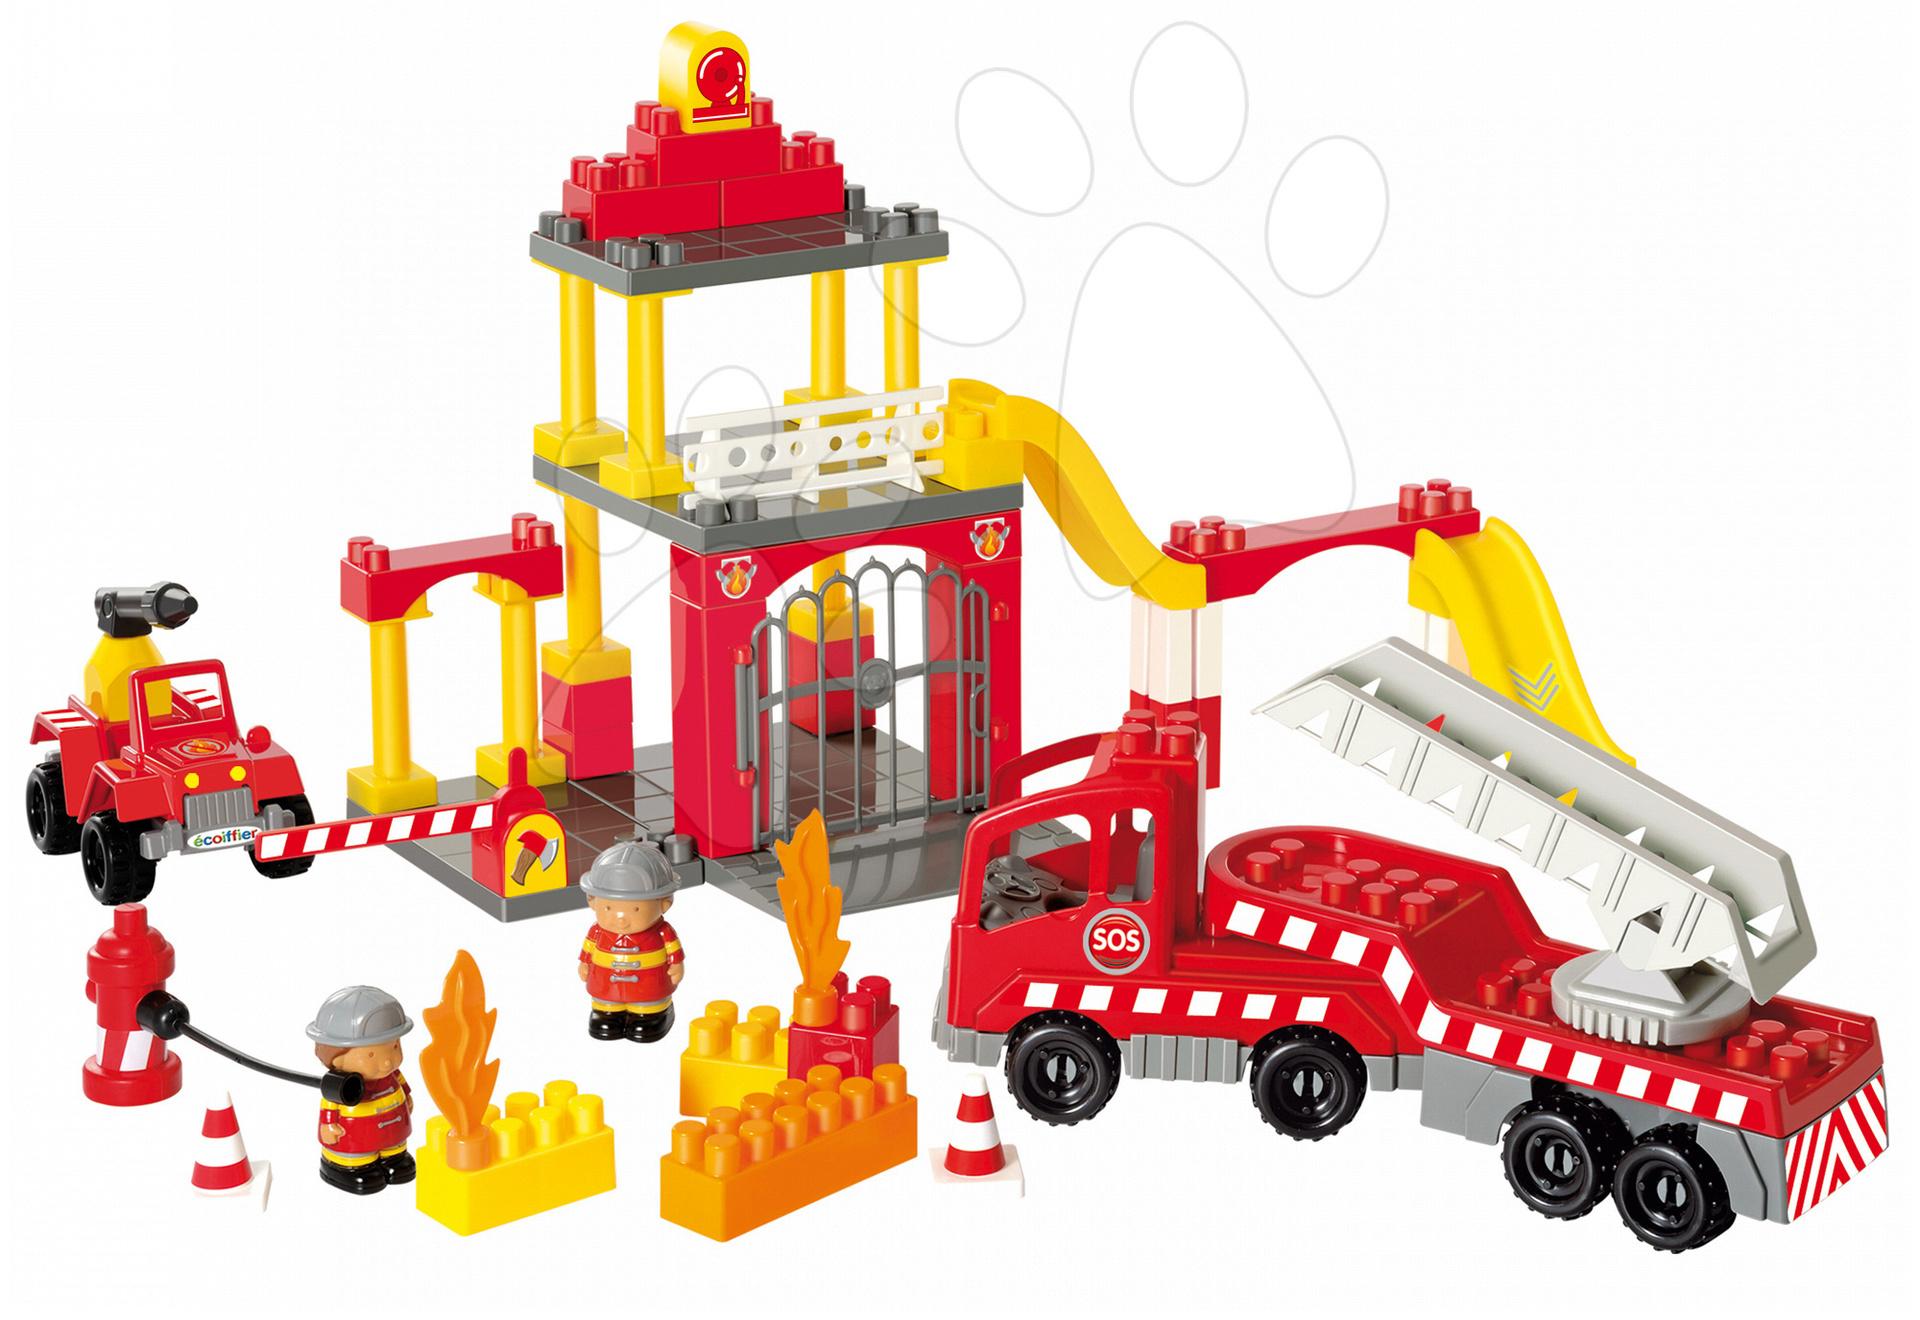 Stavebnice Abrick - Stavebnica Abrick - požiarna stanica s hasičskými autami Écoiffier s 2 figúrkami 69 dielov od 18 mes